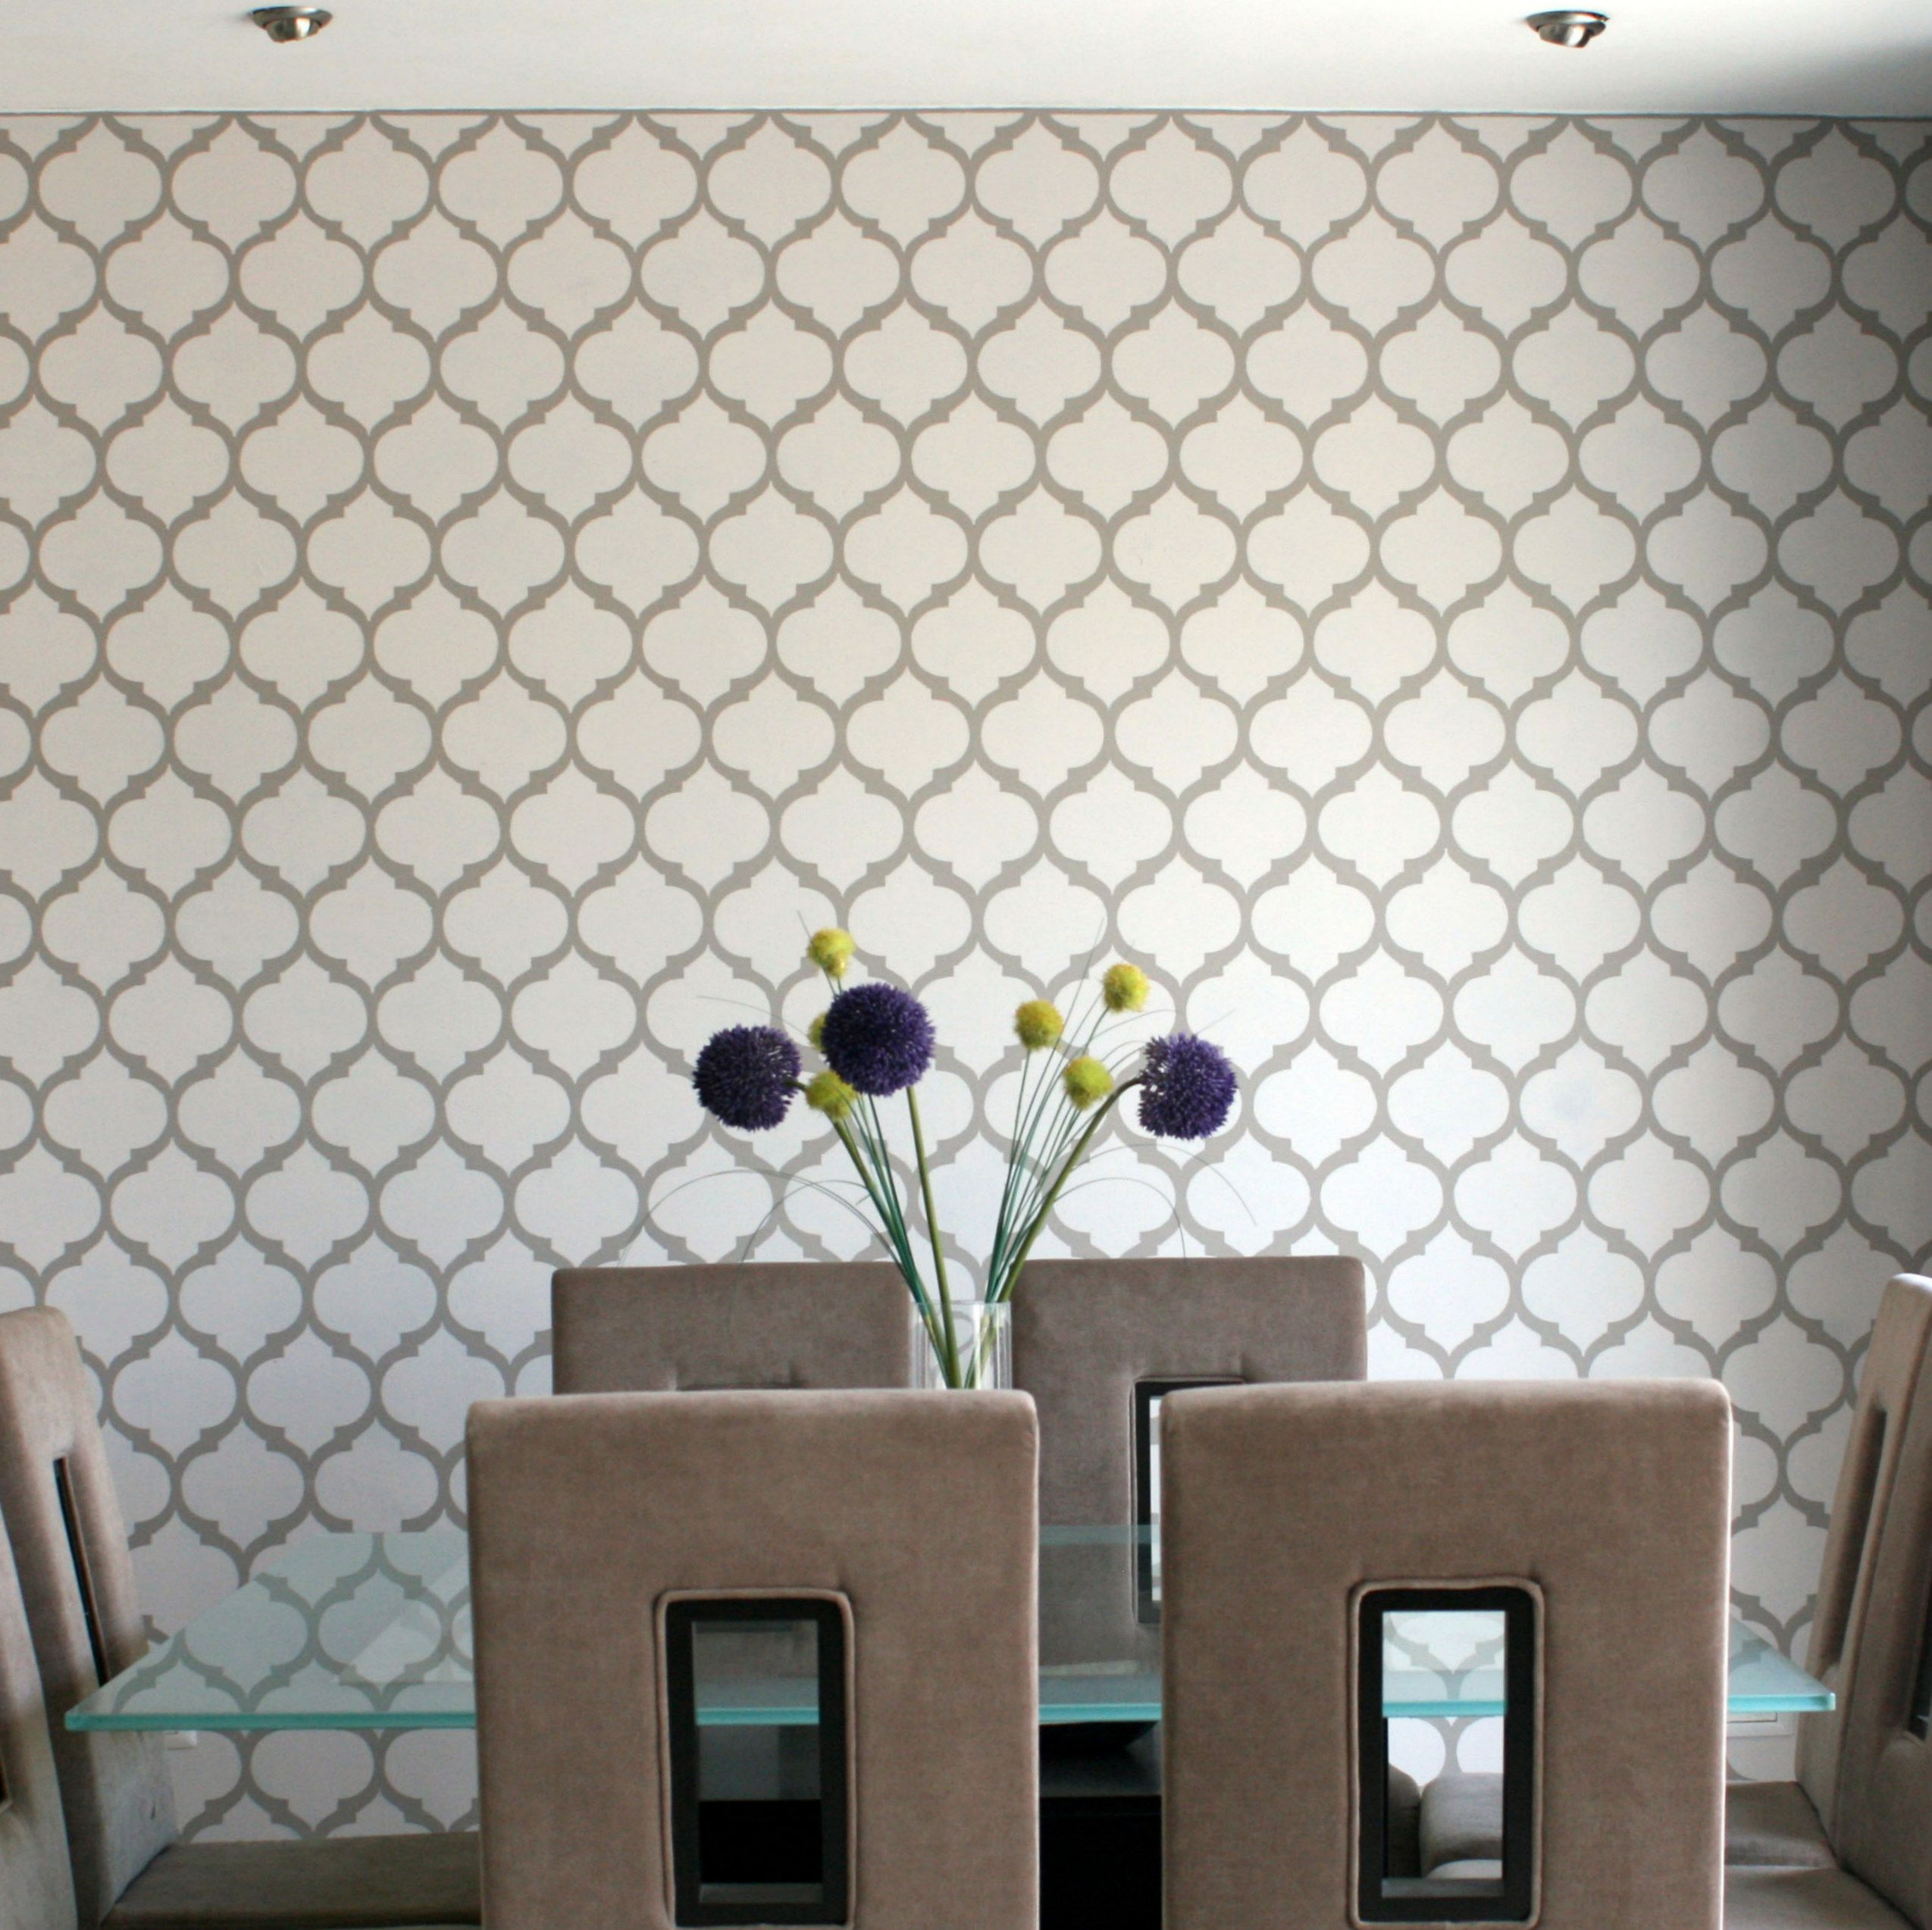 Plantilla decorativa para el dise o de interiores pinta y - Plantillas para paredes ...